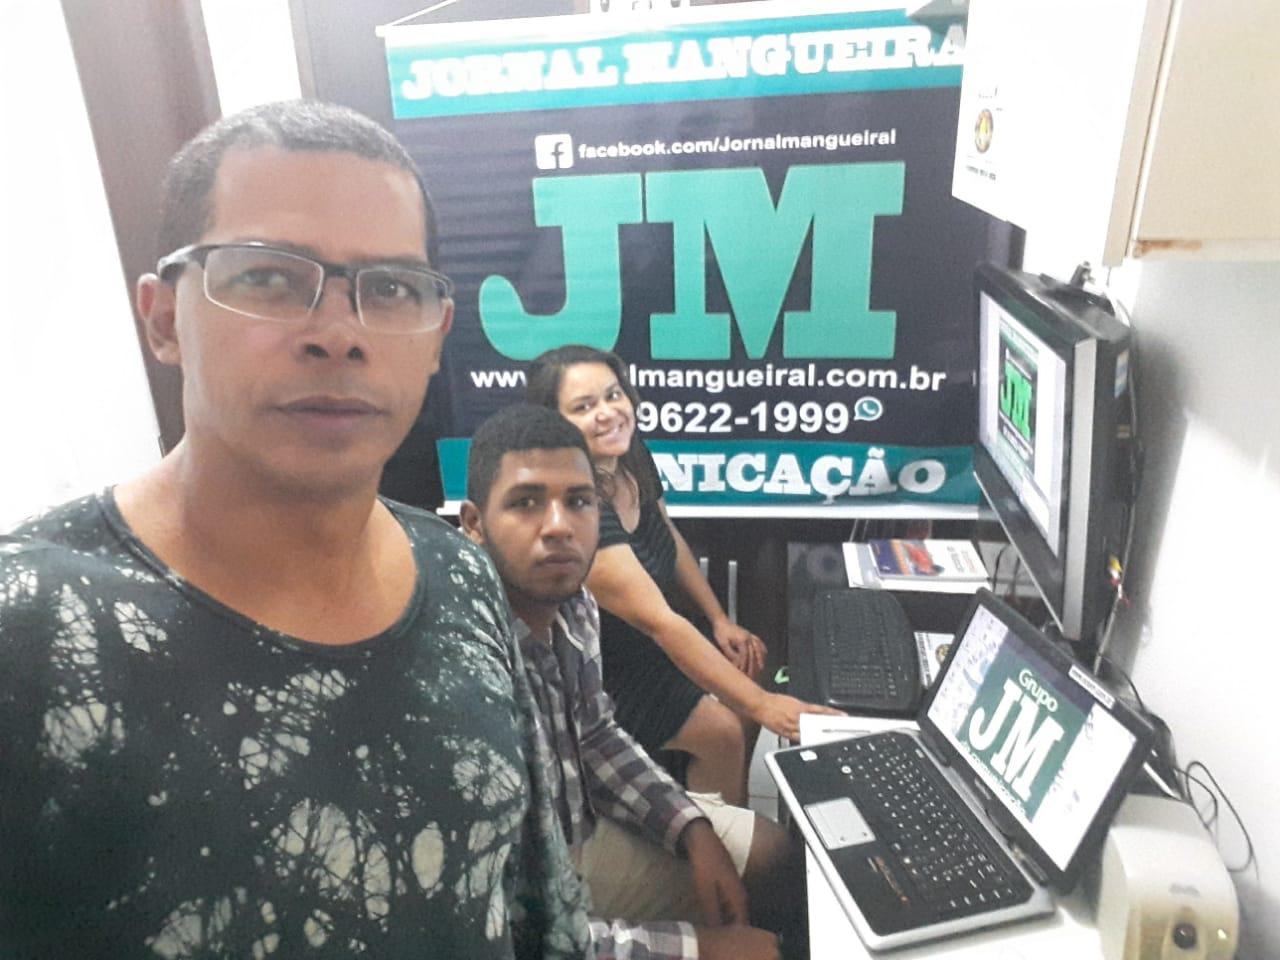 df7b42e3 9507 48cb 89a8 6a4e17a6bde0 - Lula tinha certeza de que decisão de Marco Aurélio Mello seria revogada